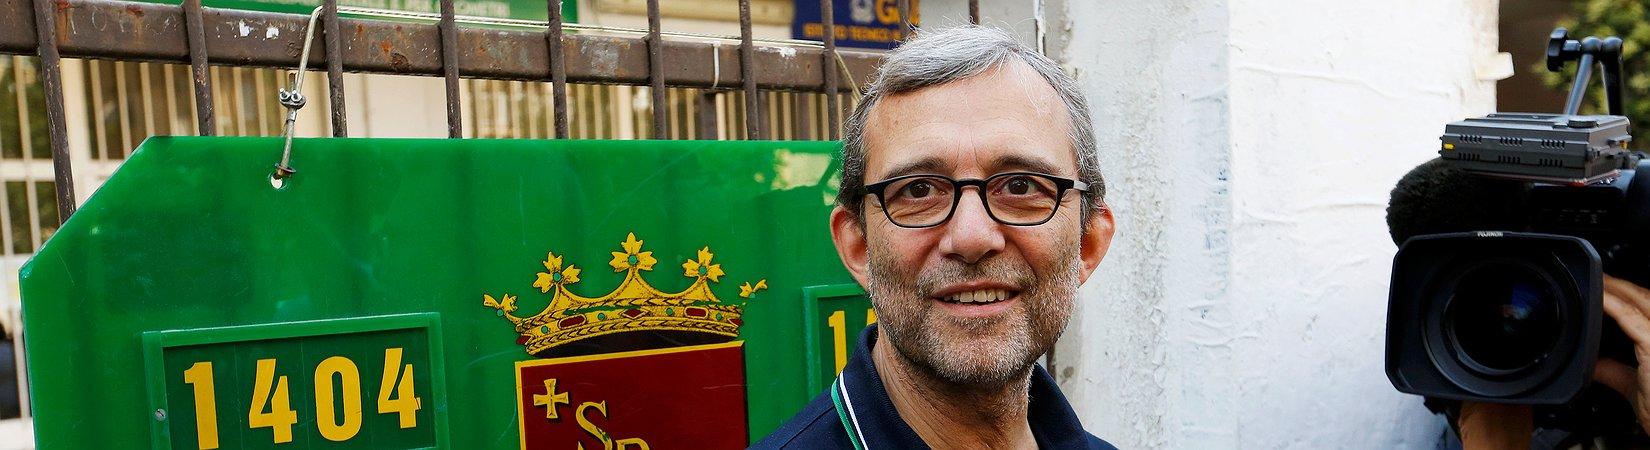 Assemblea PD: Giachetti attacca Speranza su legge elettorale